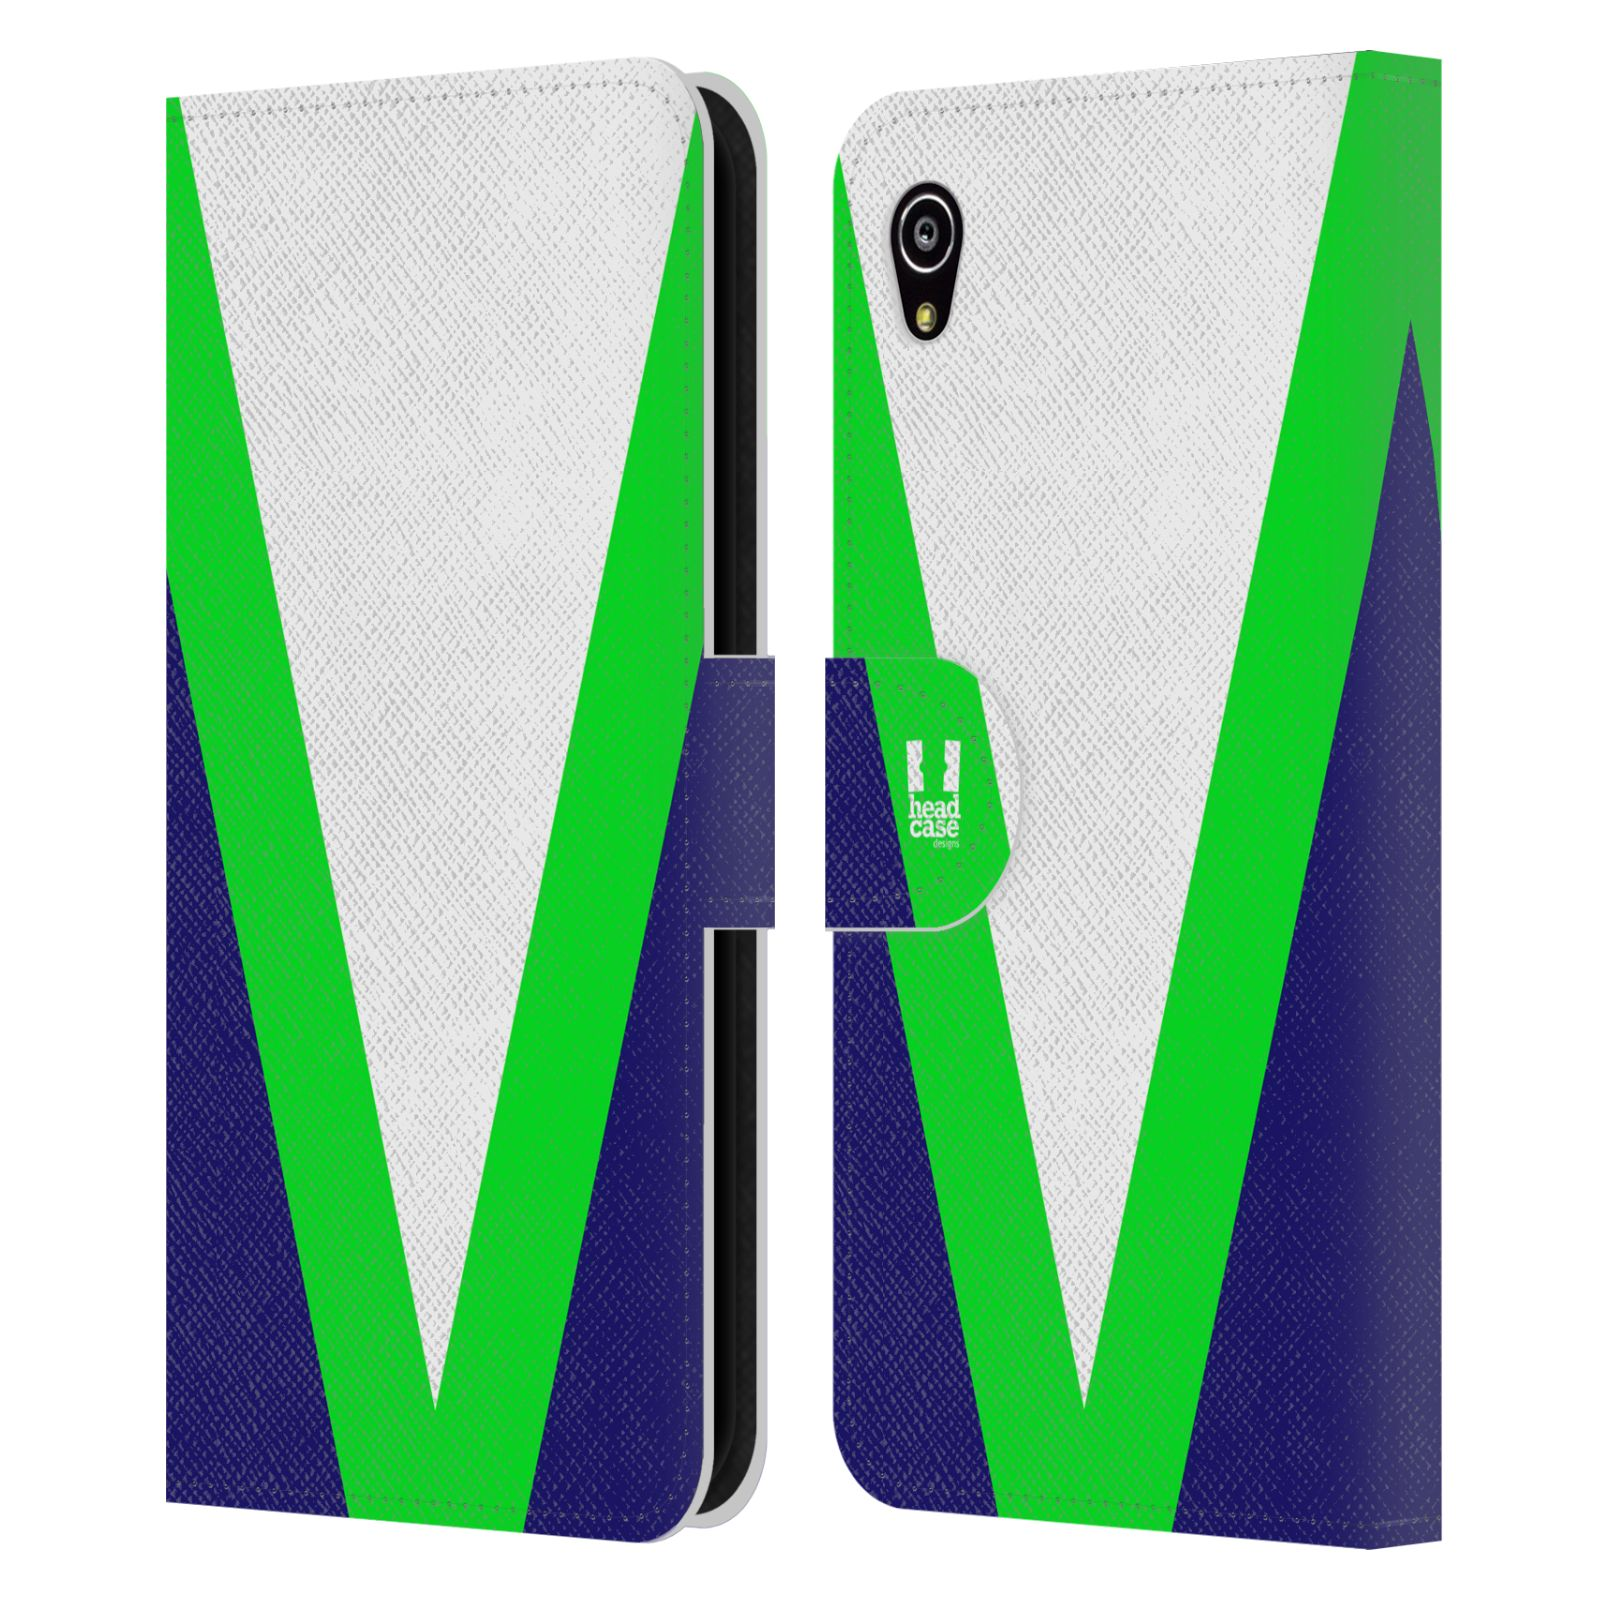 HEAD CASE Flipové pouzdro pro mobil SONY Xperia M4 Aqua barevné tvary zelená a modrá